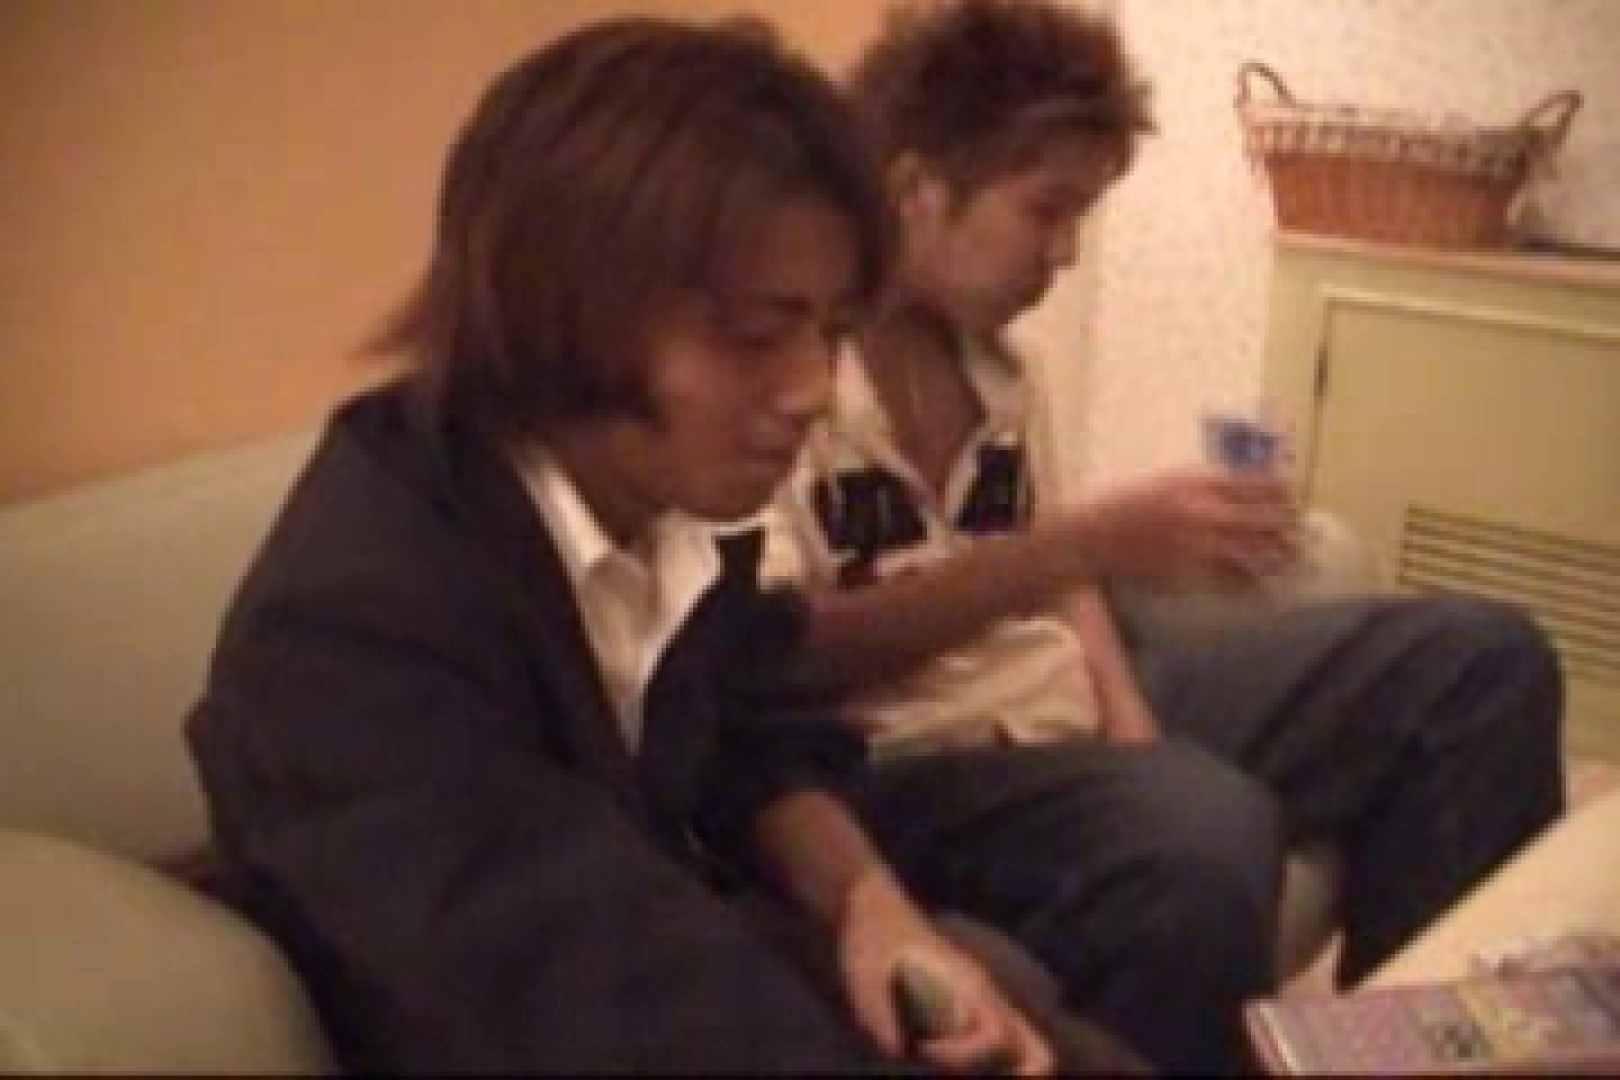 【流出】ジャニ系イケメン!!フライング&アナルが痛くて出来ません!! オナニー ゲイエロ画像 83枚 63